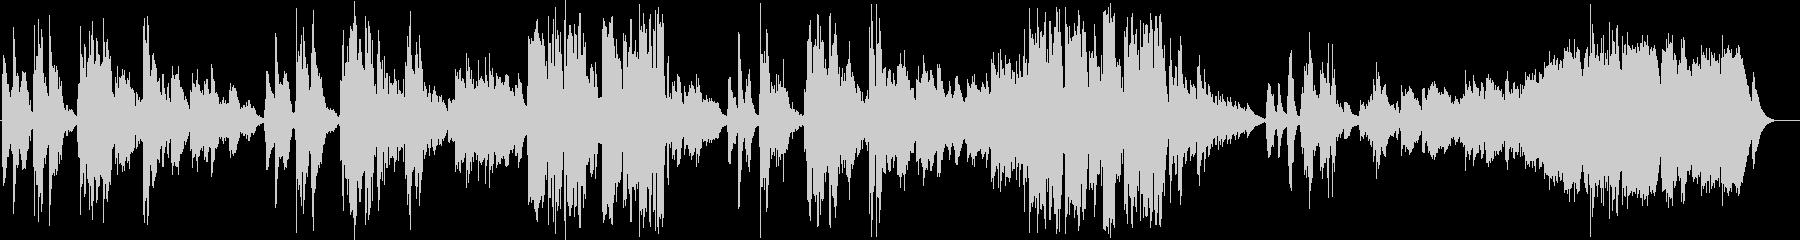 英語洋楽:凄く切ない恋愛バラード:アコギの未再生の波形